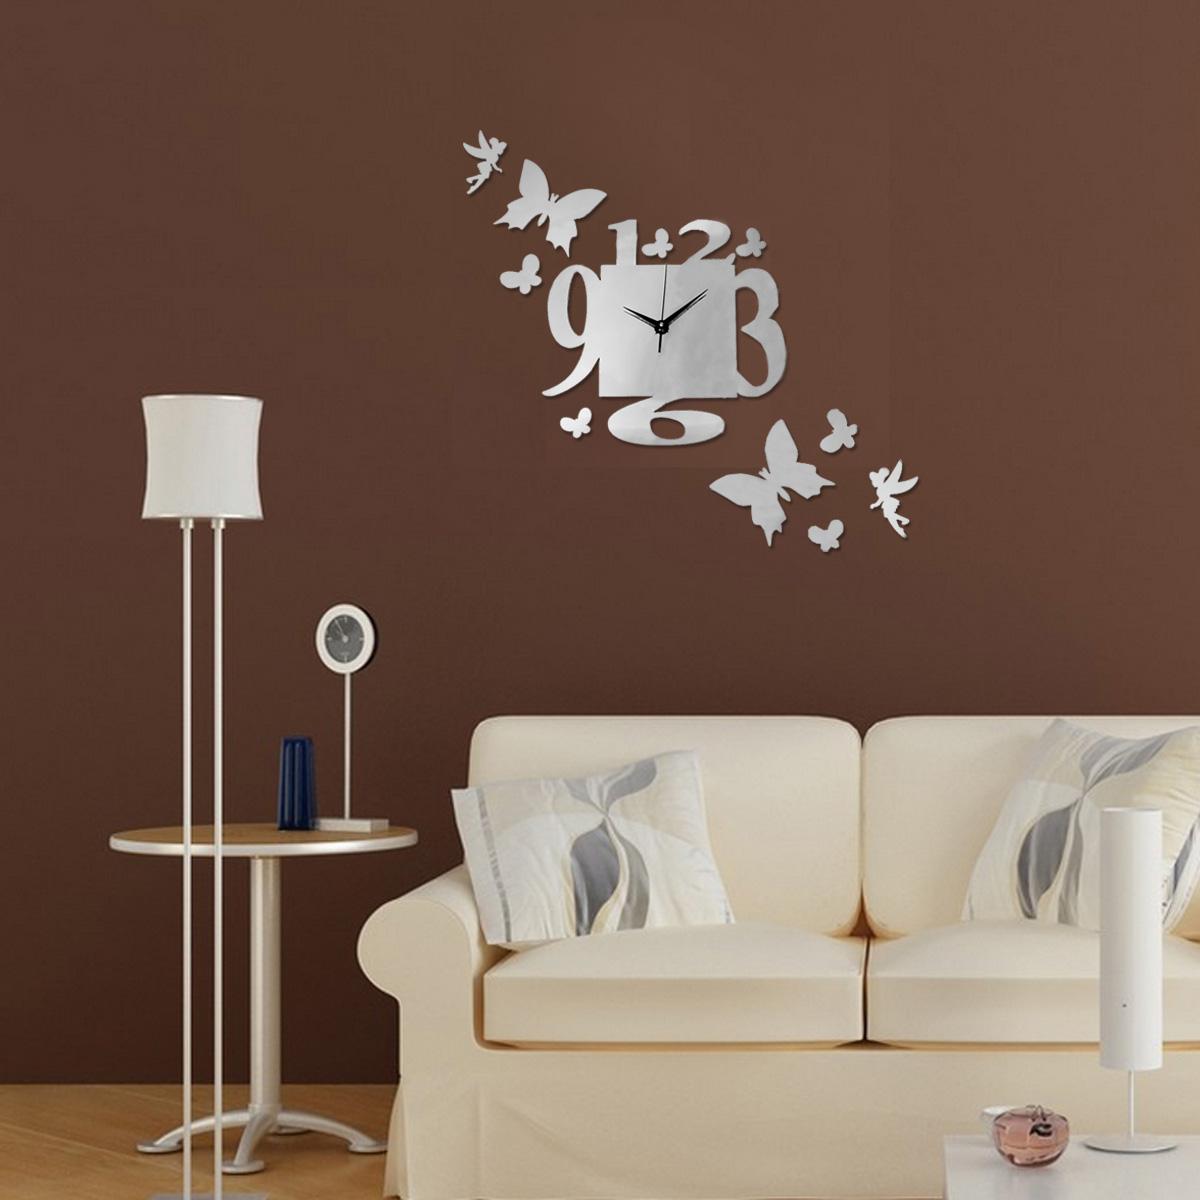 Orologio Moderno da Parete Adesivo Acrylic Mirror Wall Clock Sticker Home Decor